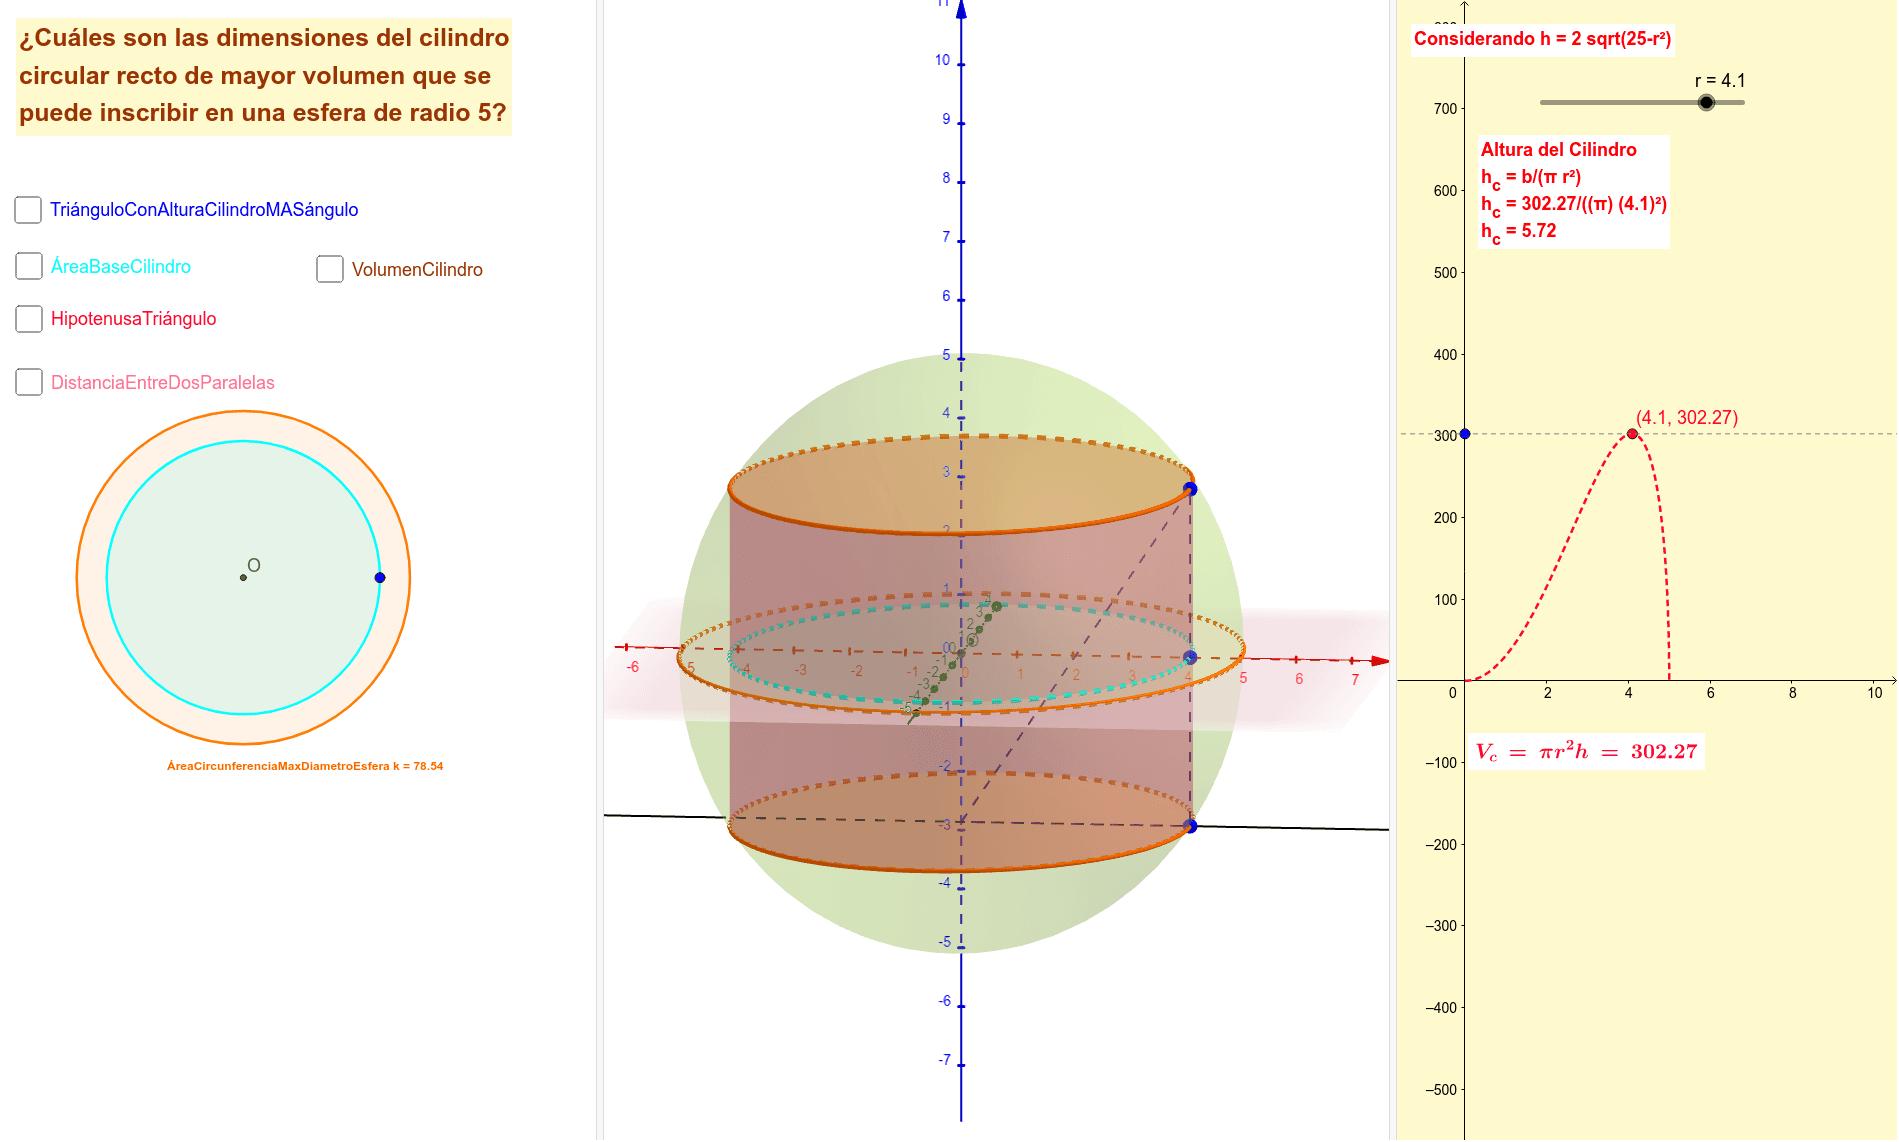 Analiza la aplicación y sus opciones, antes de resolver el problema ... Este problema determina las dimensiones de un cilindro circular recto inscrito en una esfera de radio dado Presiona Intro para comenzar la actividad